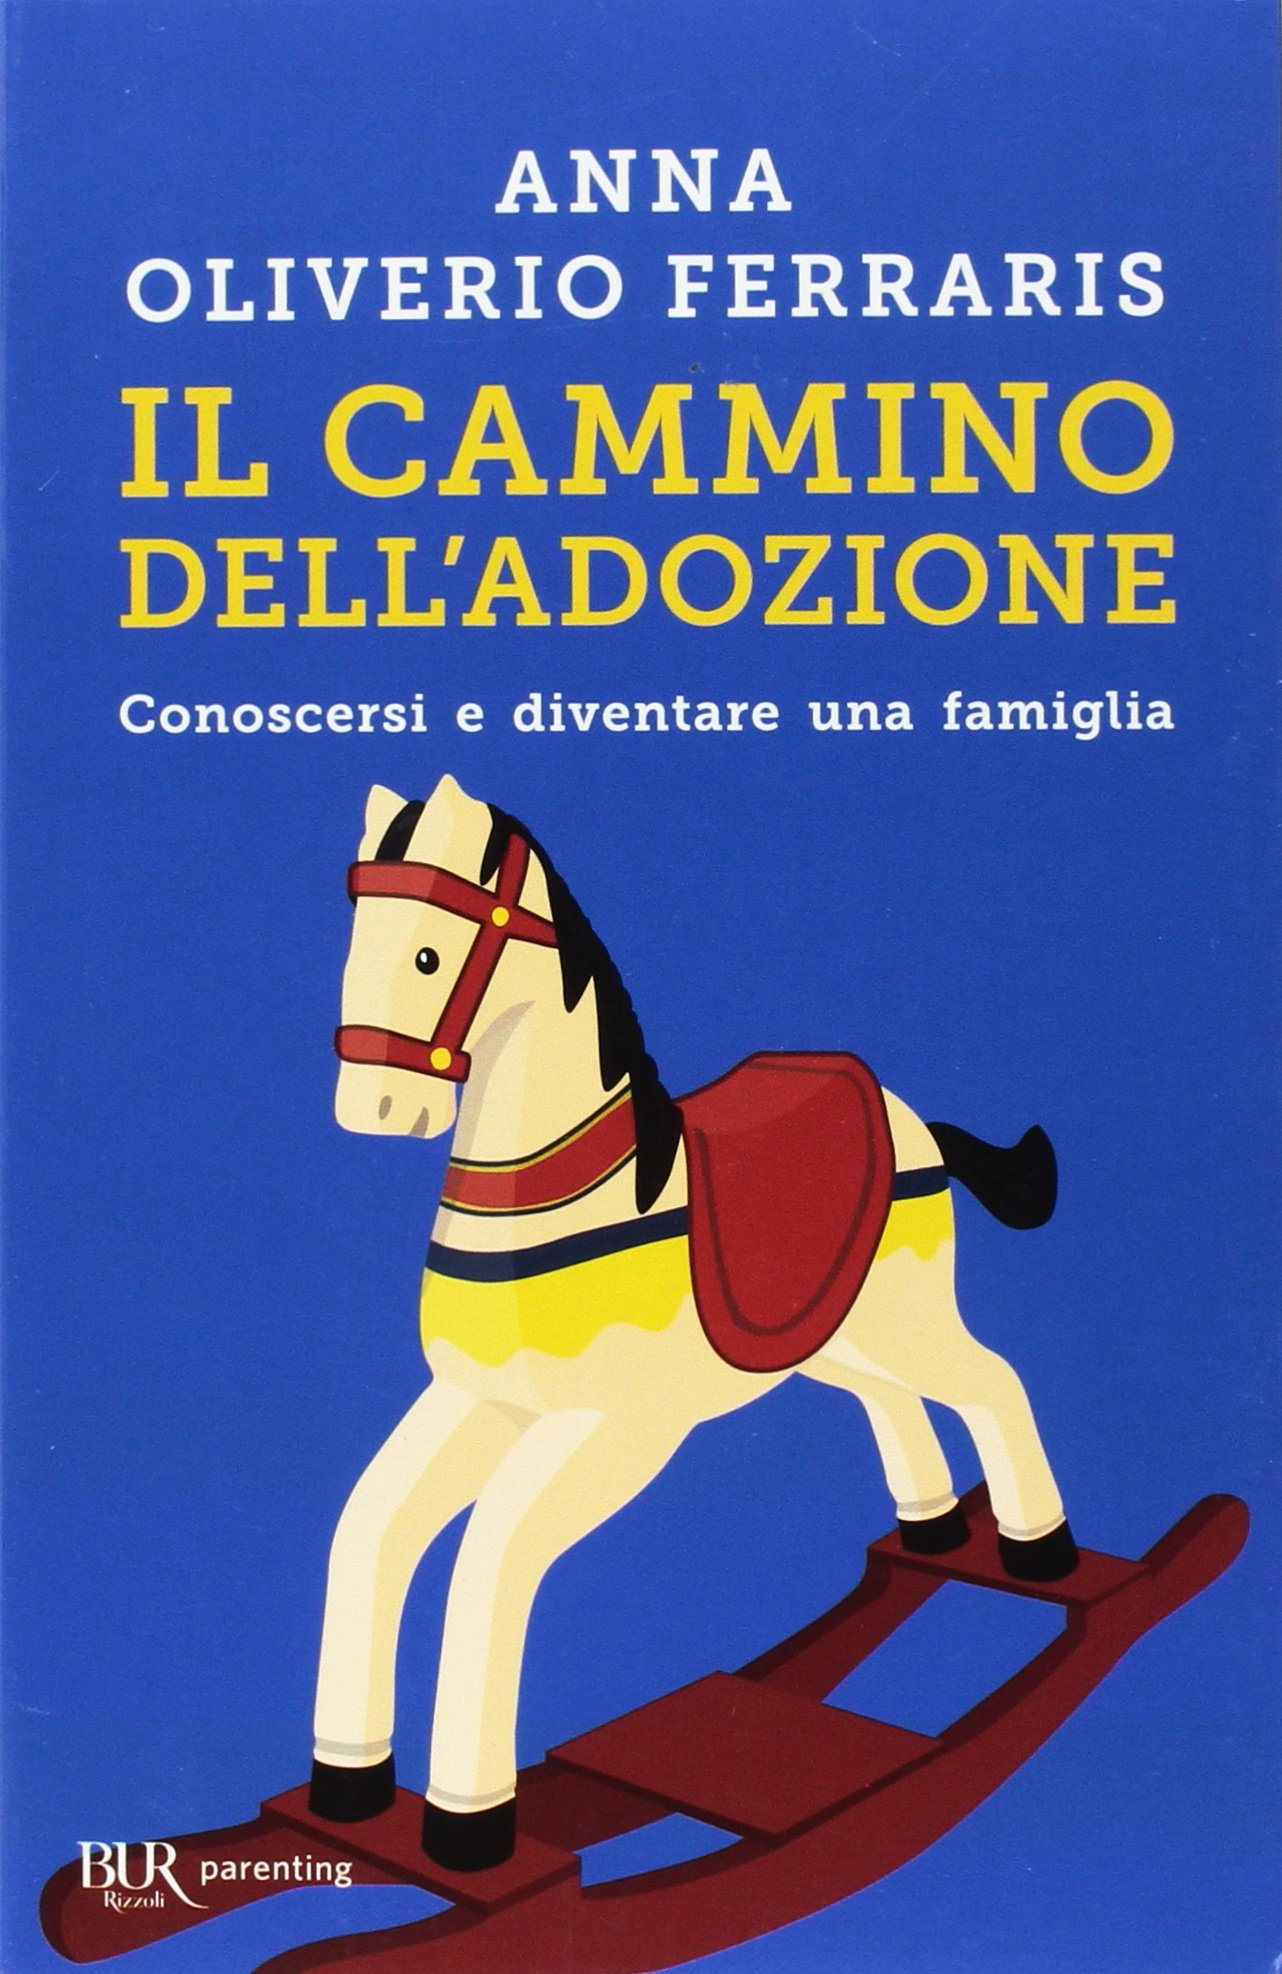 Il cammino dell'adozione Copertina flessibile – 13 lug 2011 Anna Oliverio Ferraris Il cammino dell' adozione RIZZOLI 8817051136